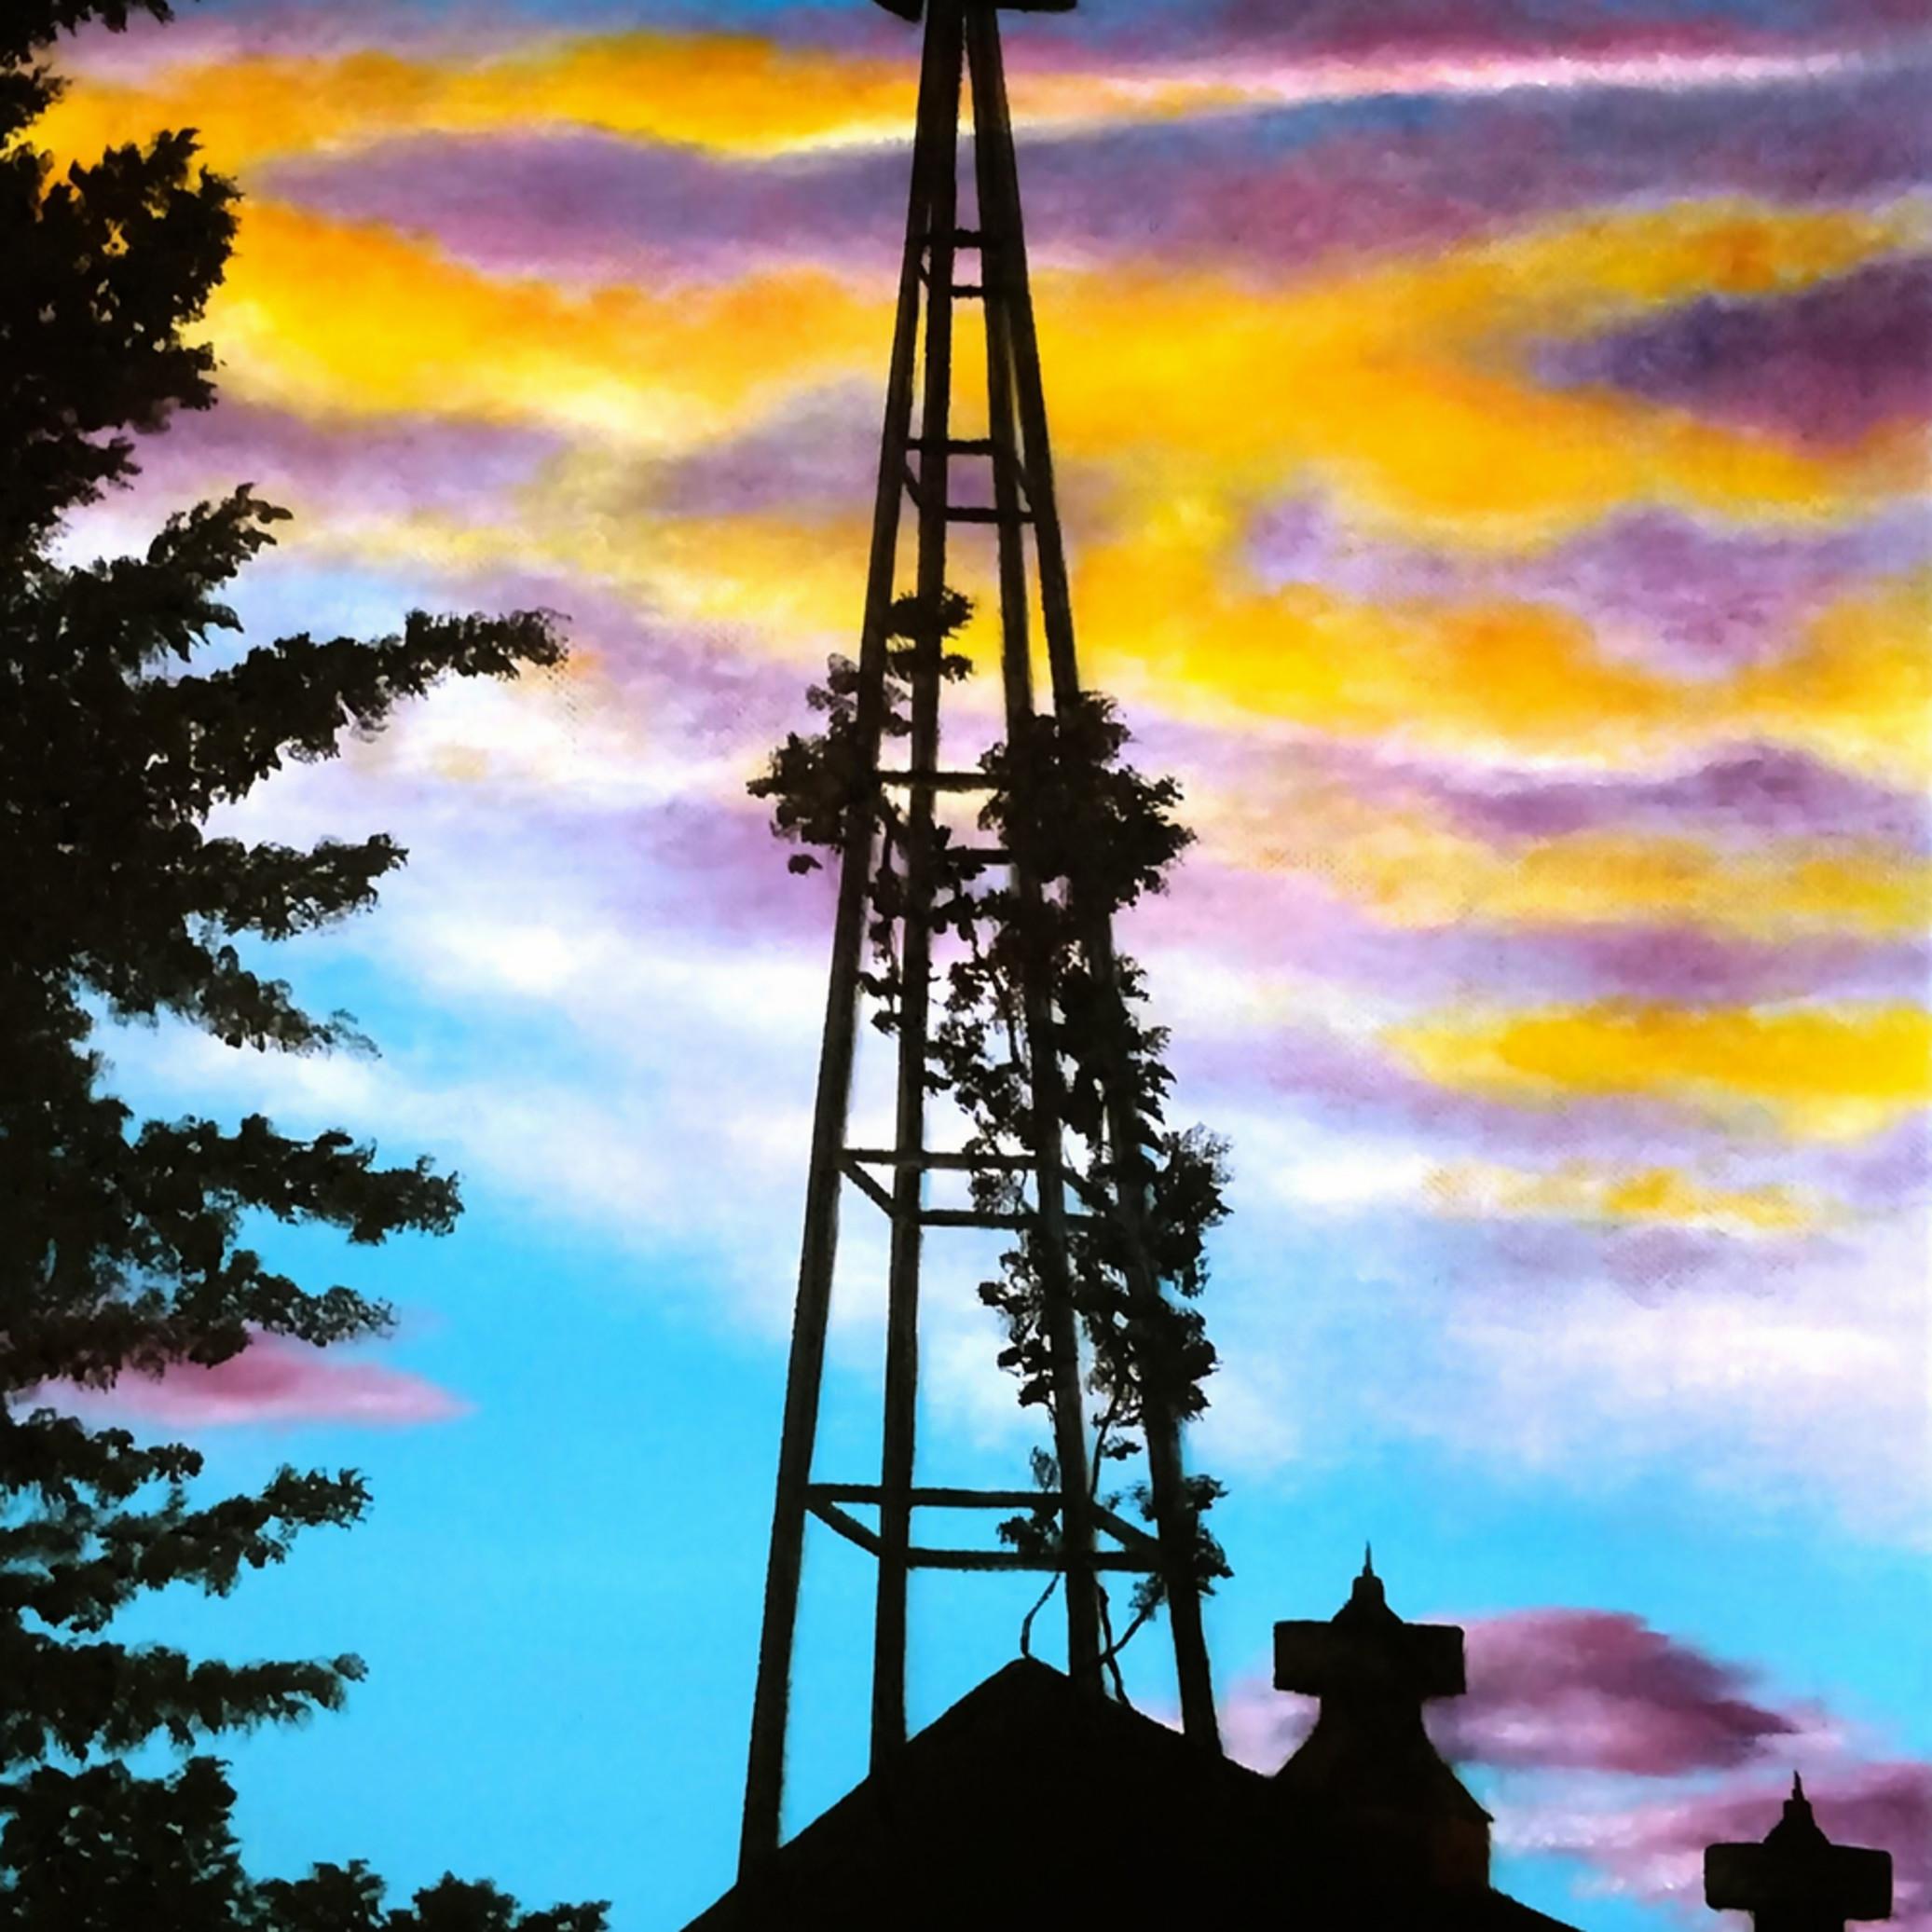 Iowa sunset csd1uc